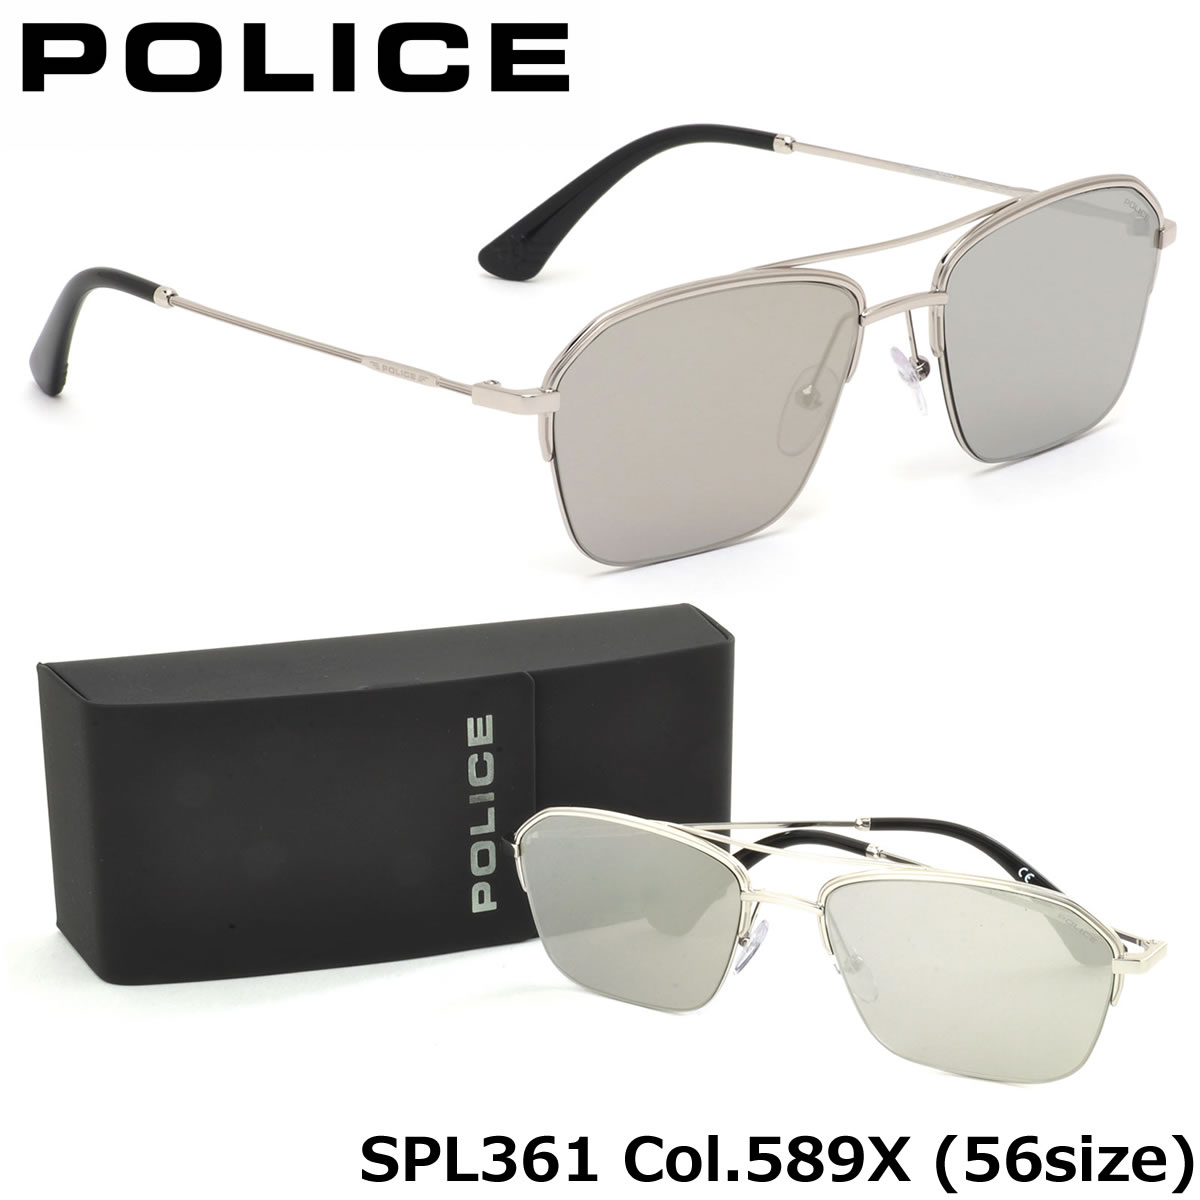 ほぼ全品ポイント15倍~最大34倍+2倍! 【ポリス】 (POLICE) サングラスSPL361 589X 56サイズHIGHWAYZERO1 フラットレンズ ツーブリッジPOLICE メンズ レディース